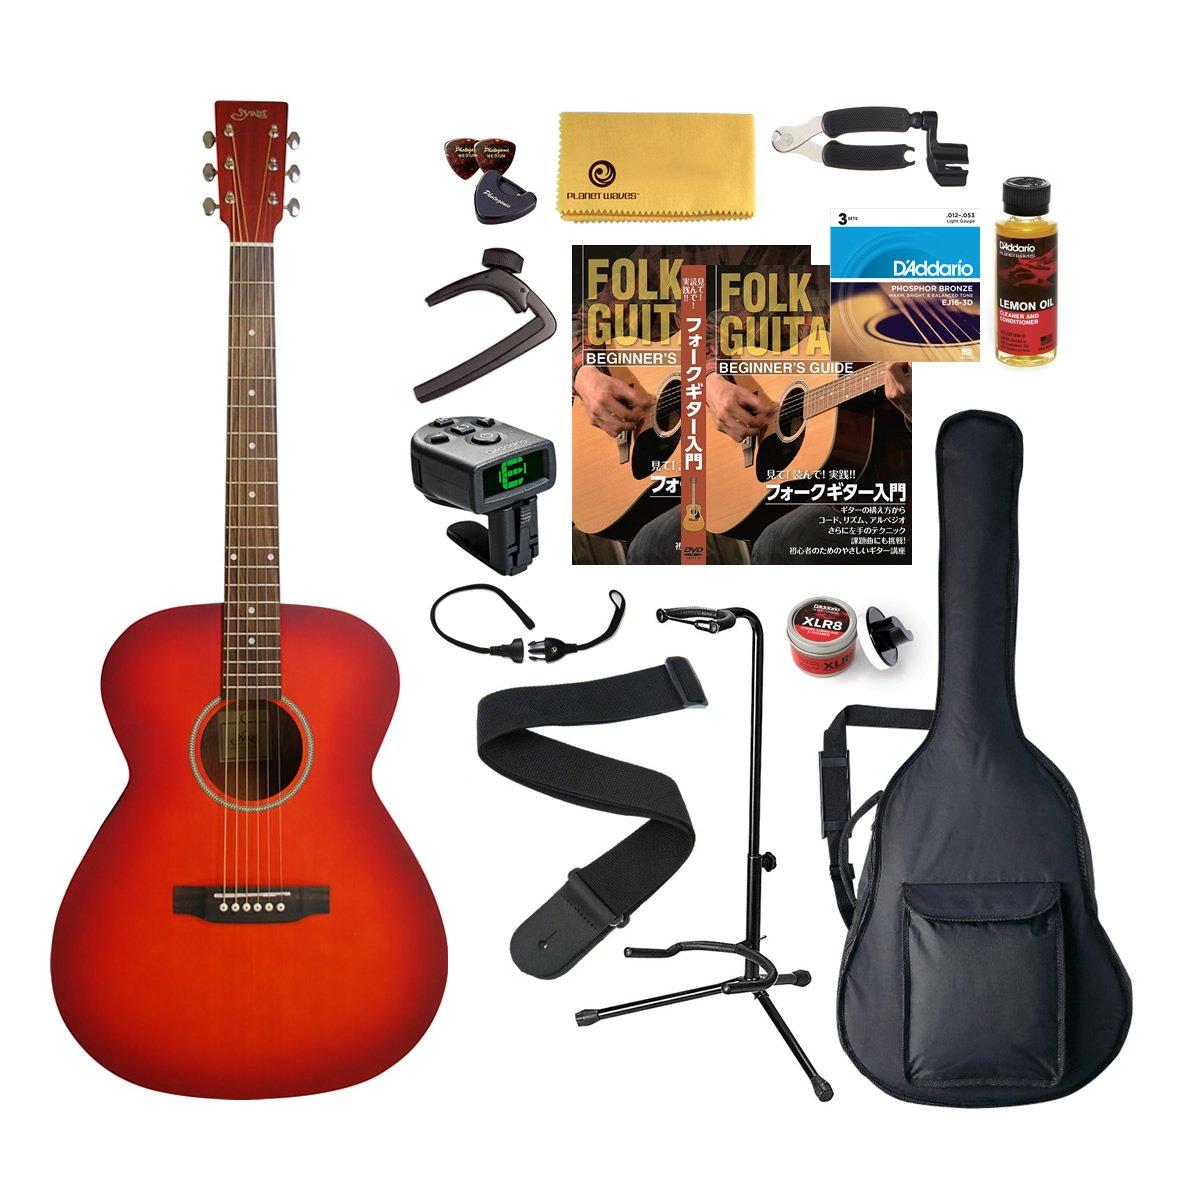 S.Yairi ヤイリ アコースティックギター Amazonオリジナル16点 パーフェクトセット YF-04/CS B018S3DO6W  チェリーサンバースト